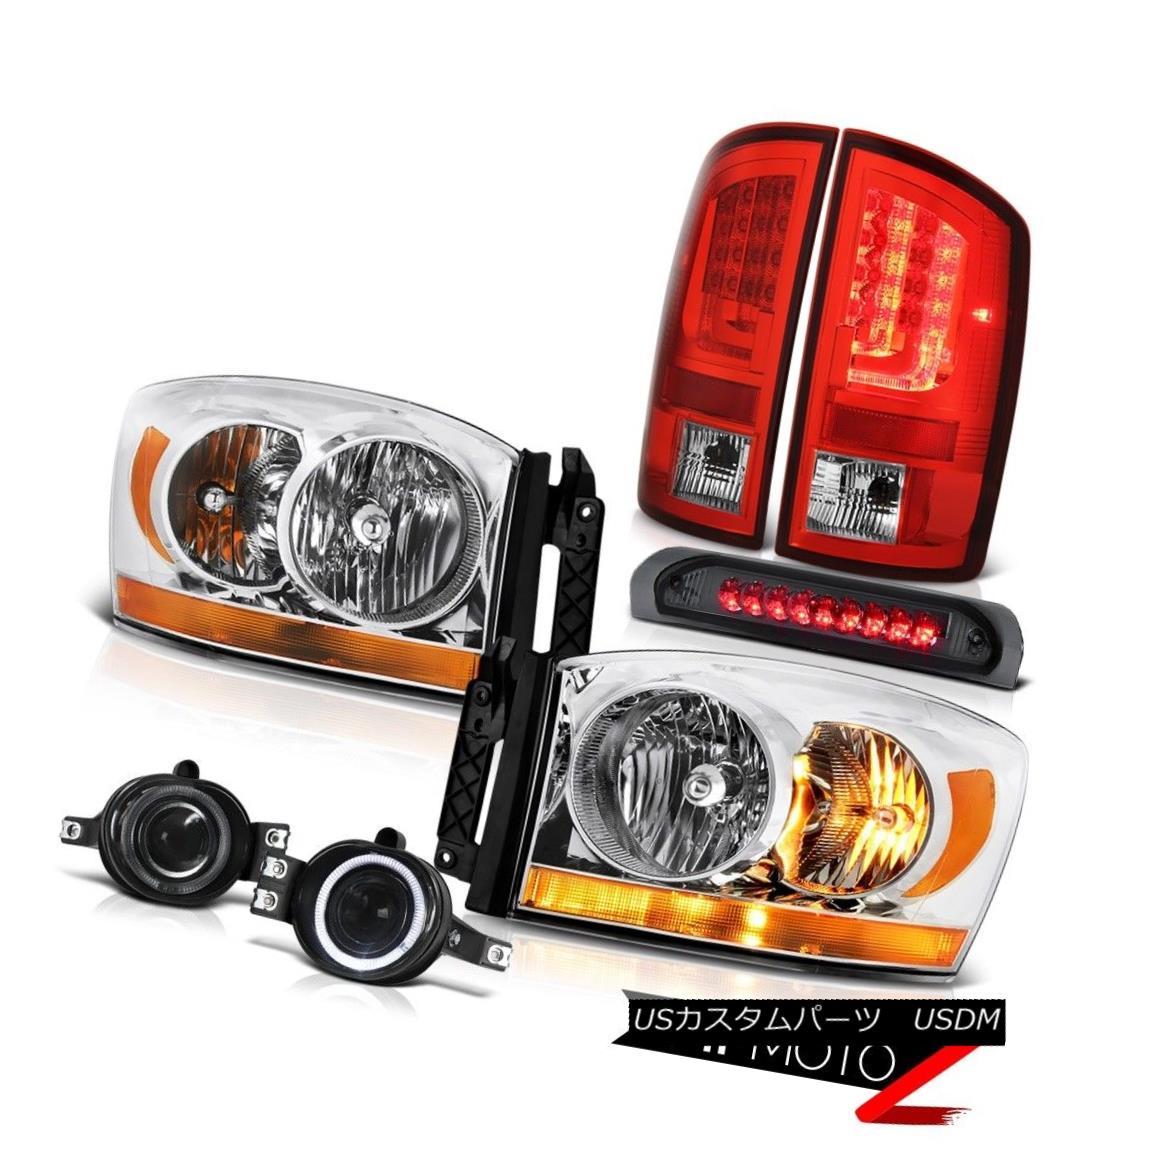 テールライト 07-09 Dodge Ram 2500 3500 SLT Tail Brake Lamps Headlights Fog Roof Lamp Assembly 07-09ダッジラム2500 3500 SLTテールブレーキランプヘッドライトフォグ屋根ランプアセンブリ